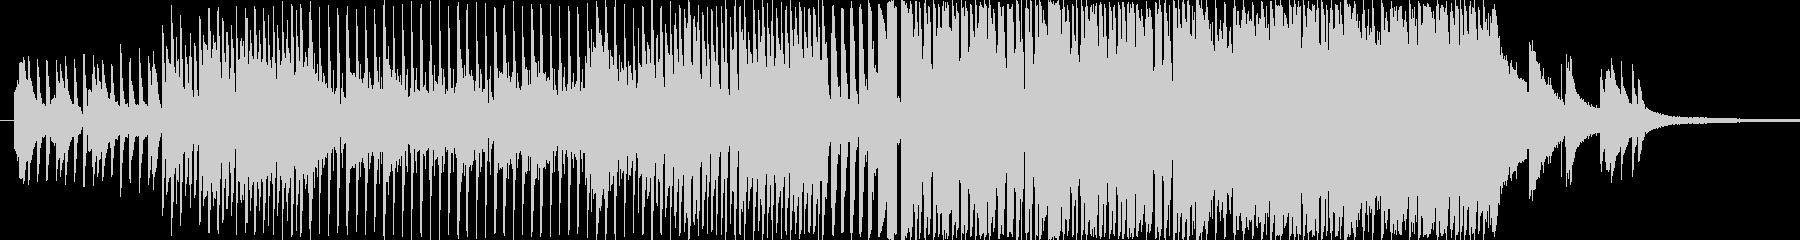 前向きで明るめのピアノインスト映像用の未再生の波形